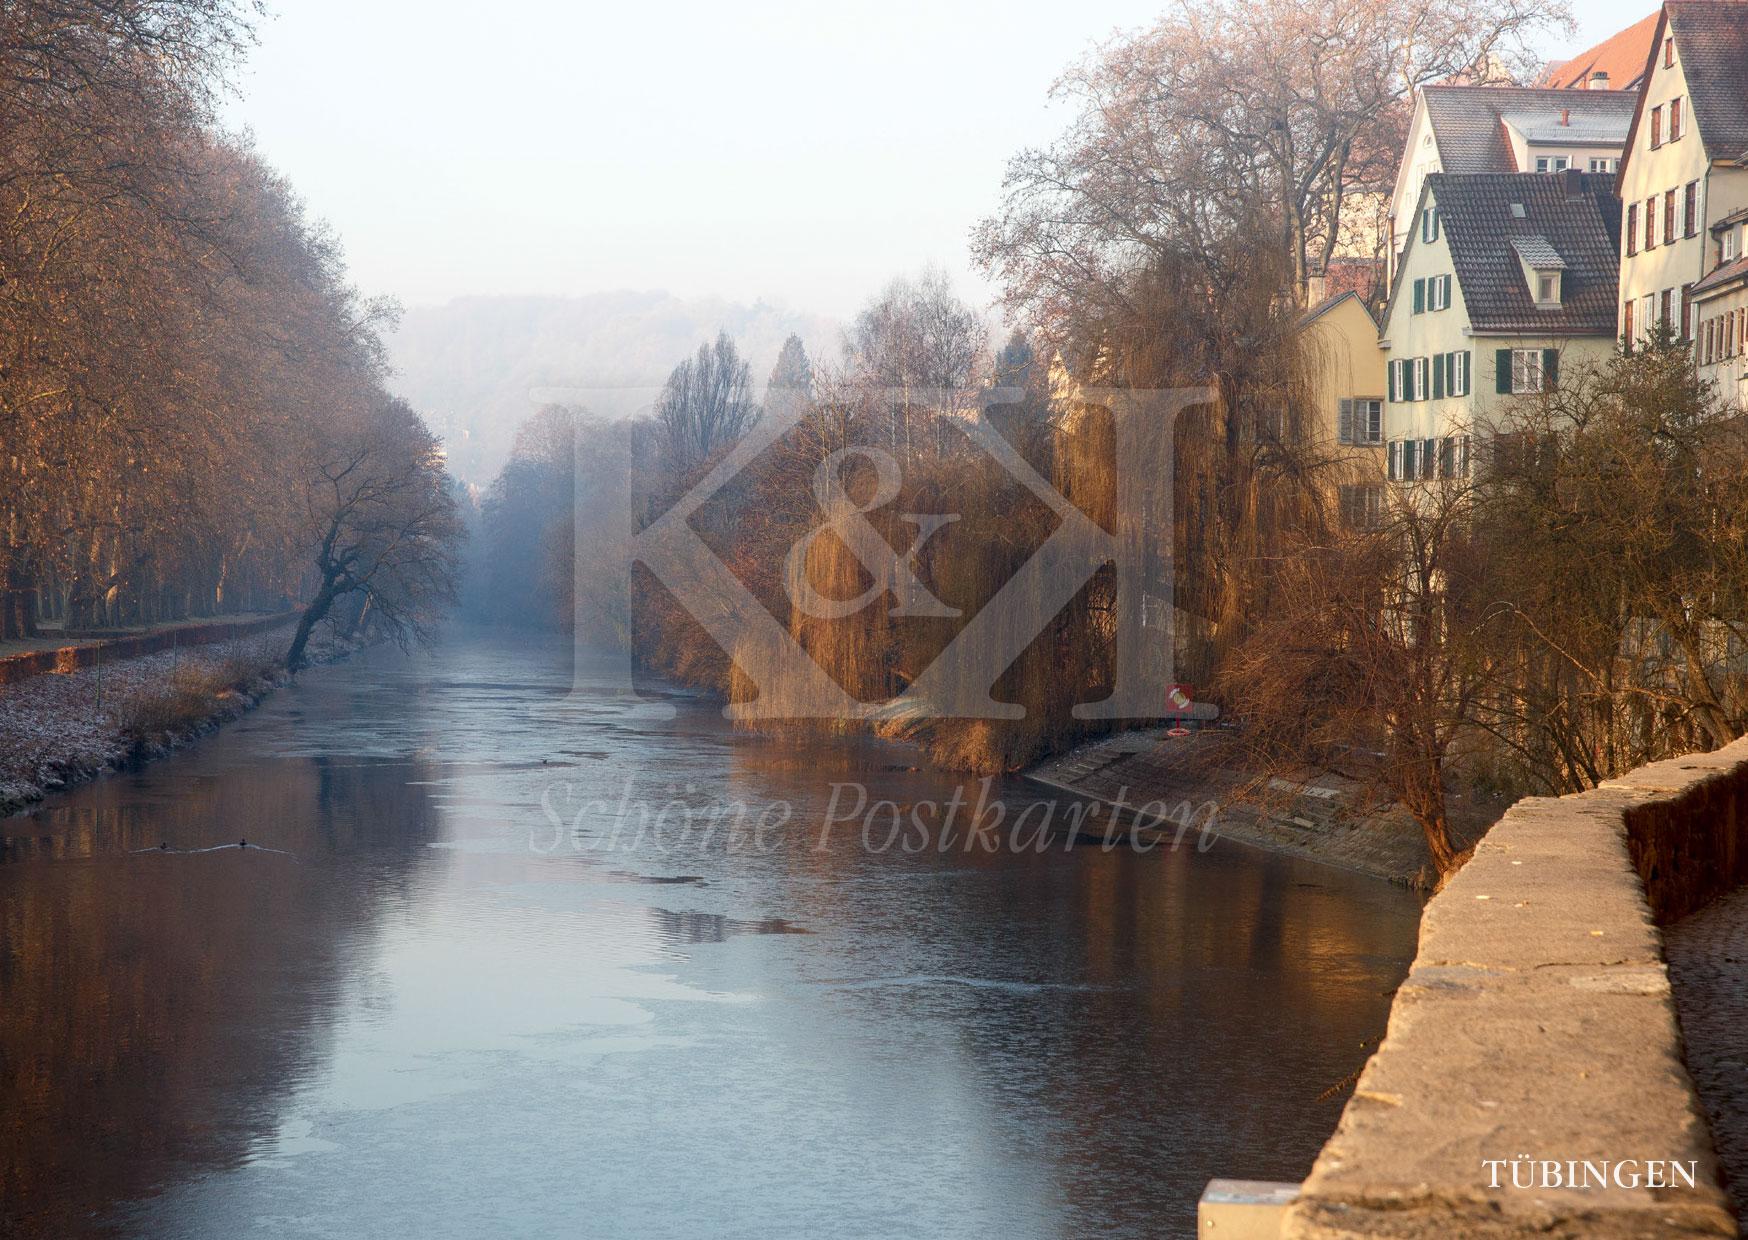 Schöne Postkarten Nr. 210 · Tübingen, Neckarmauer im Winter · © 2017